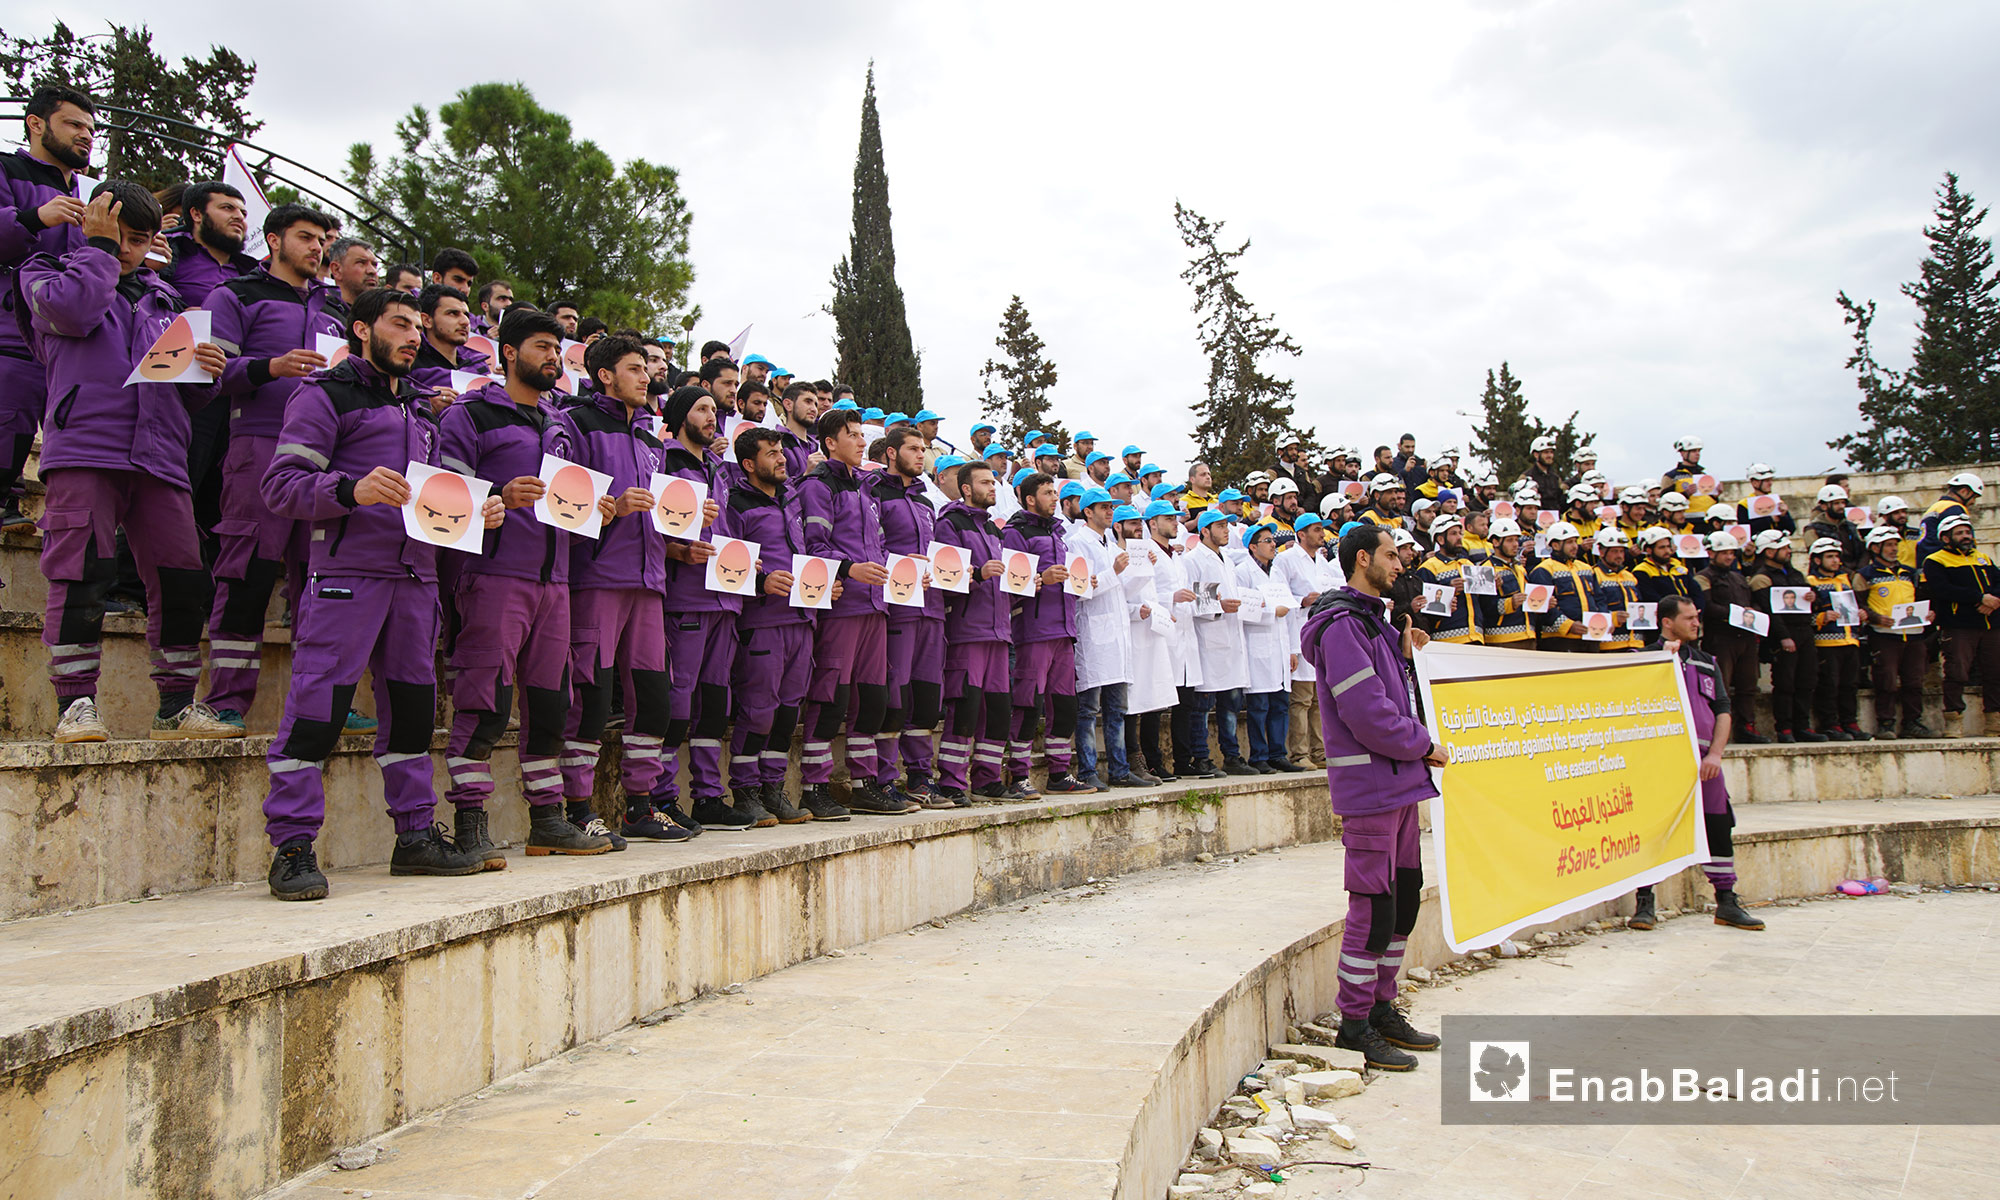 وقفة احتجاجية لمنظمة بنفسج ومديرية الصحة والدفاع المدني في إدلب تضامنًا مع الغوطة - 10 آذار 2018 (عنب بلدي)